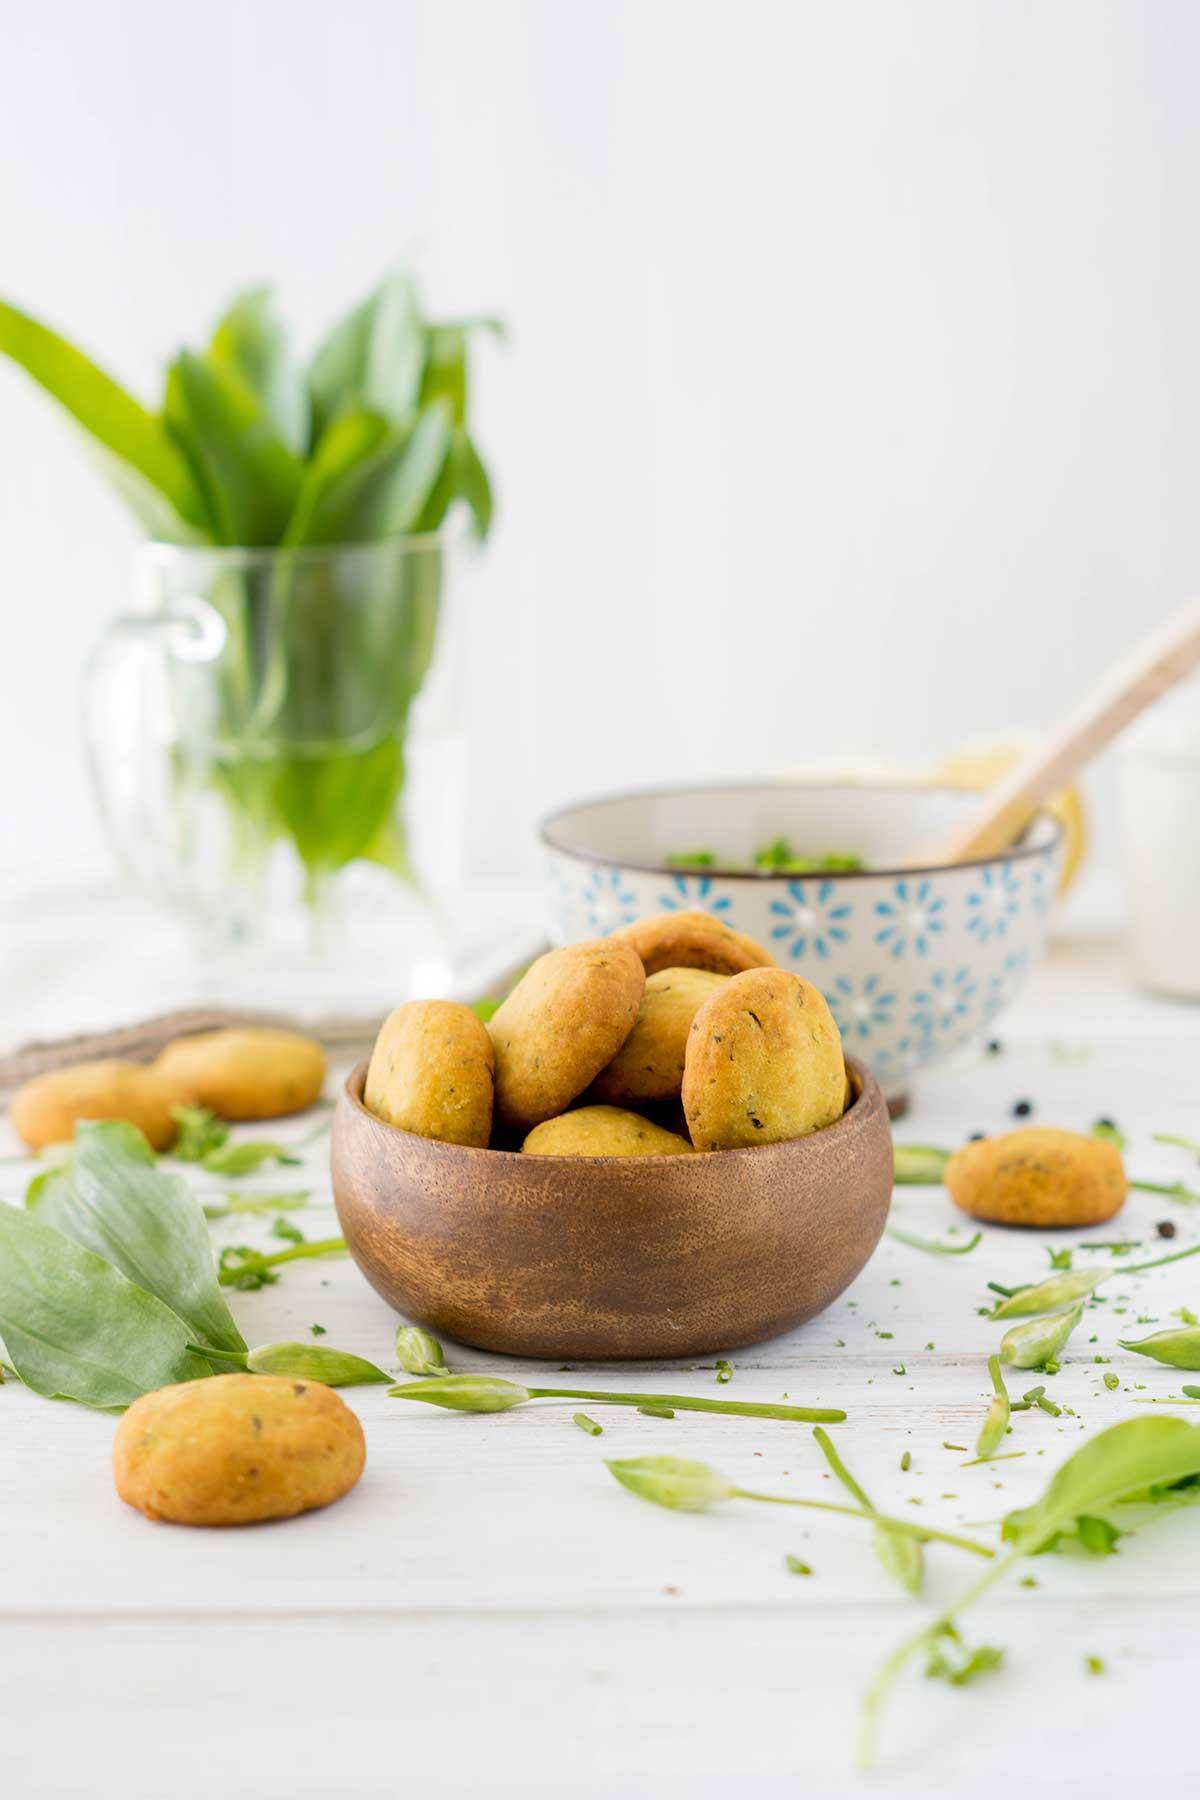 Bärlauch Snack in Holzschüssel